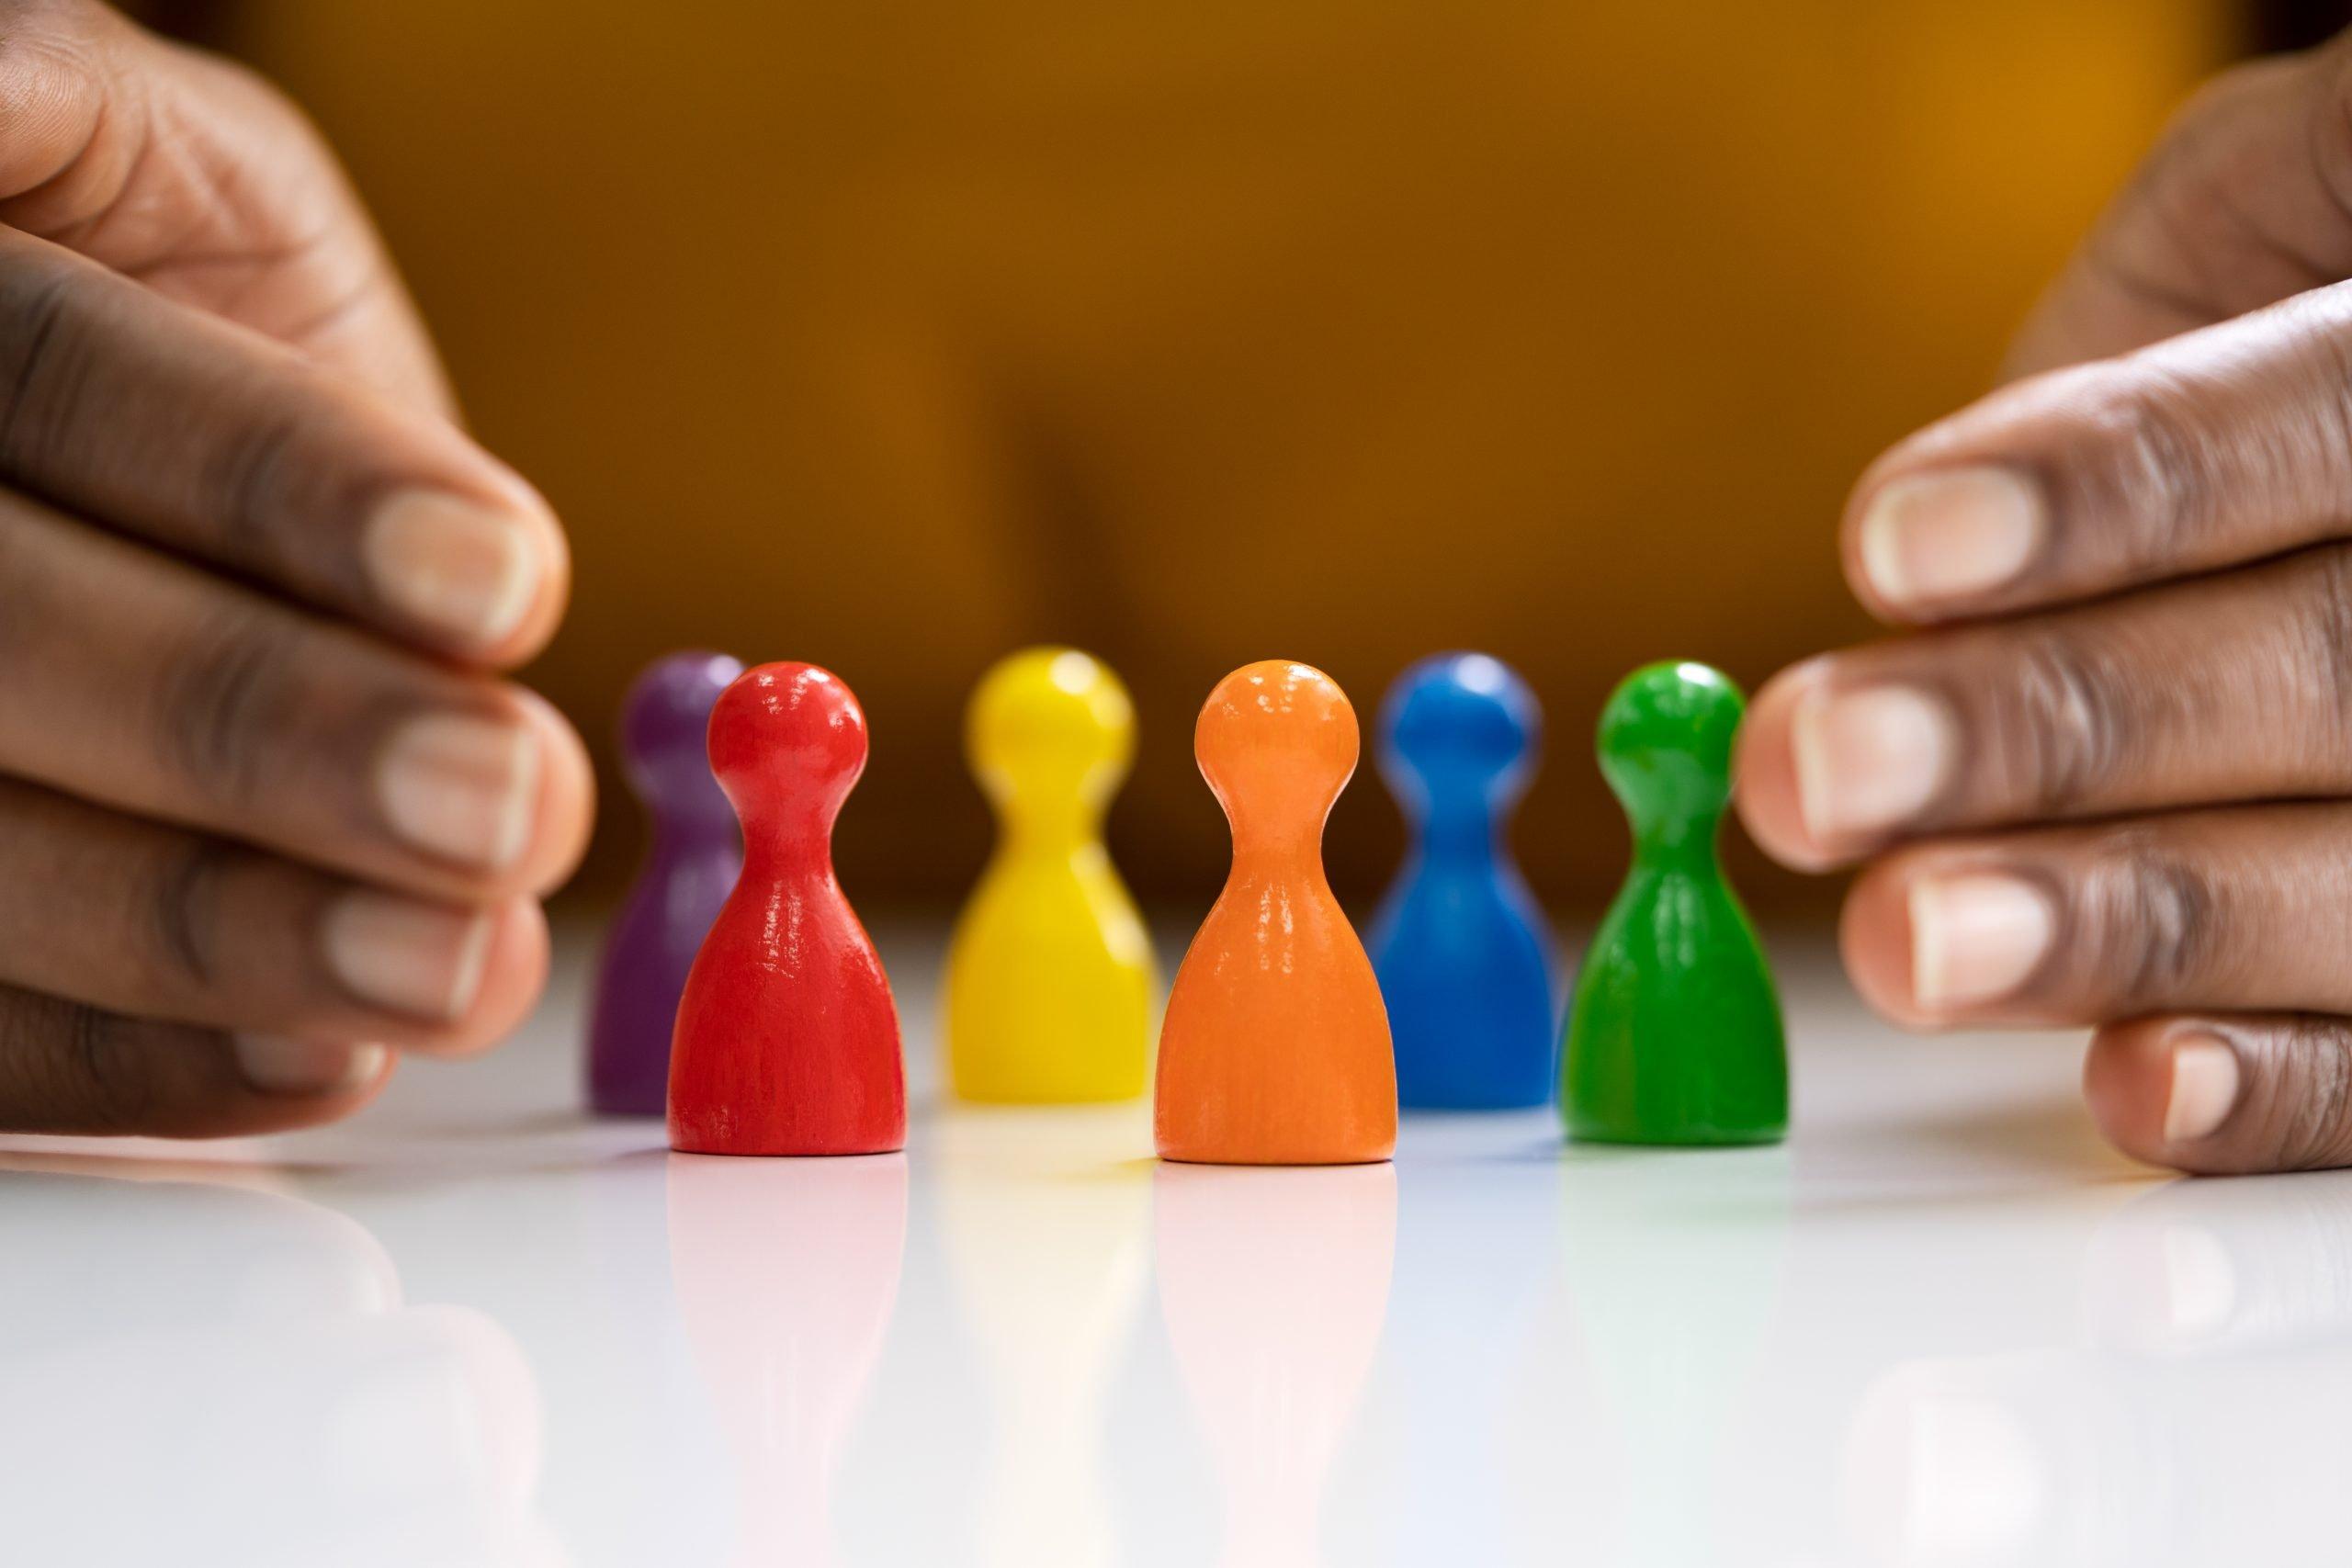 Linguagem inclusiva: Diversidade na prática para UX